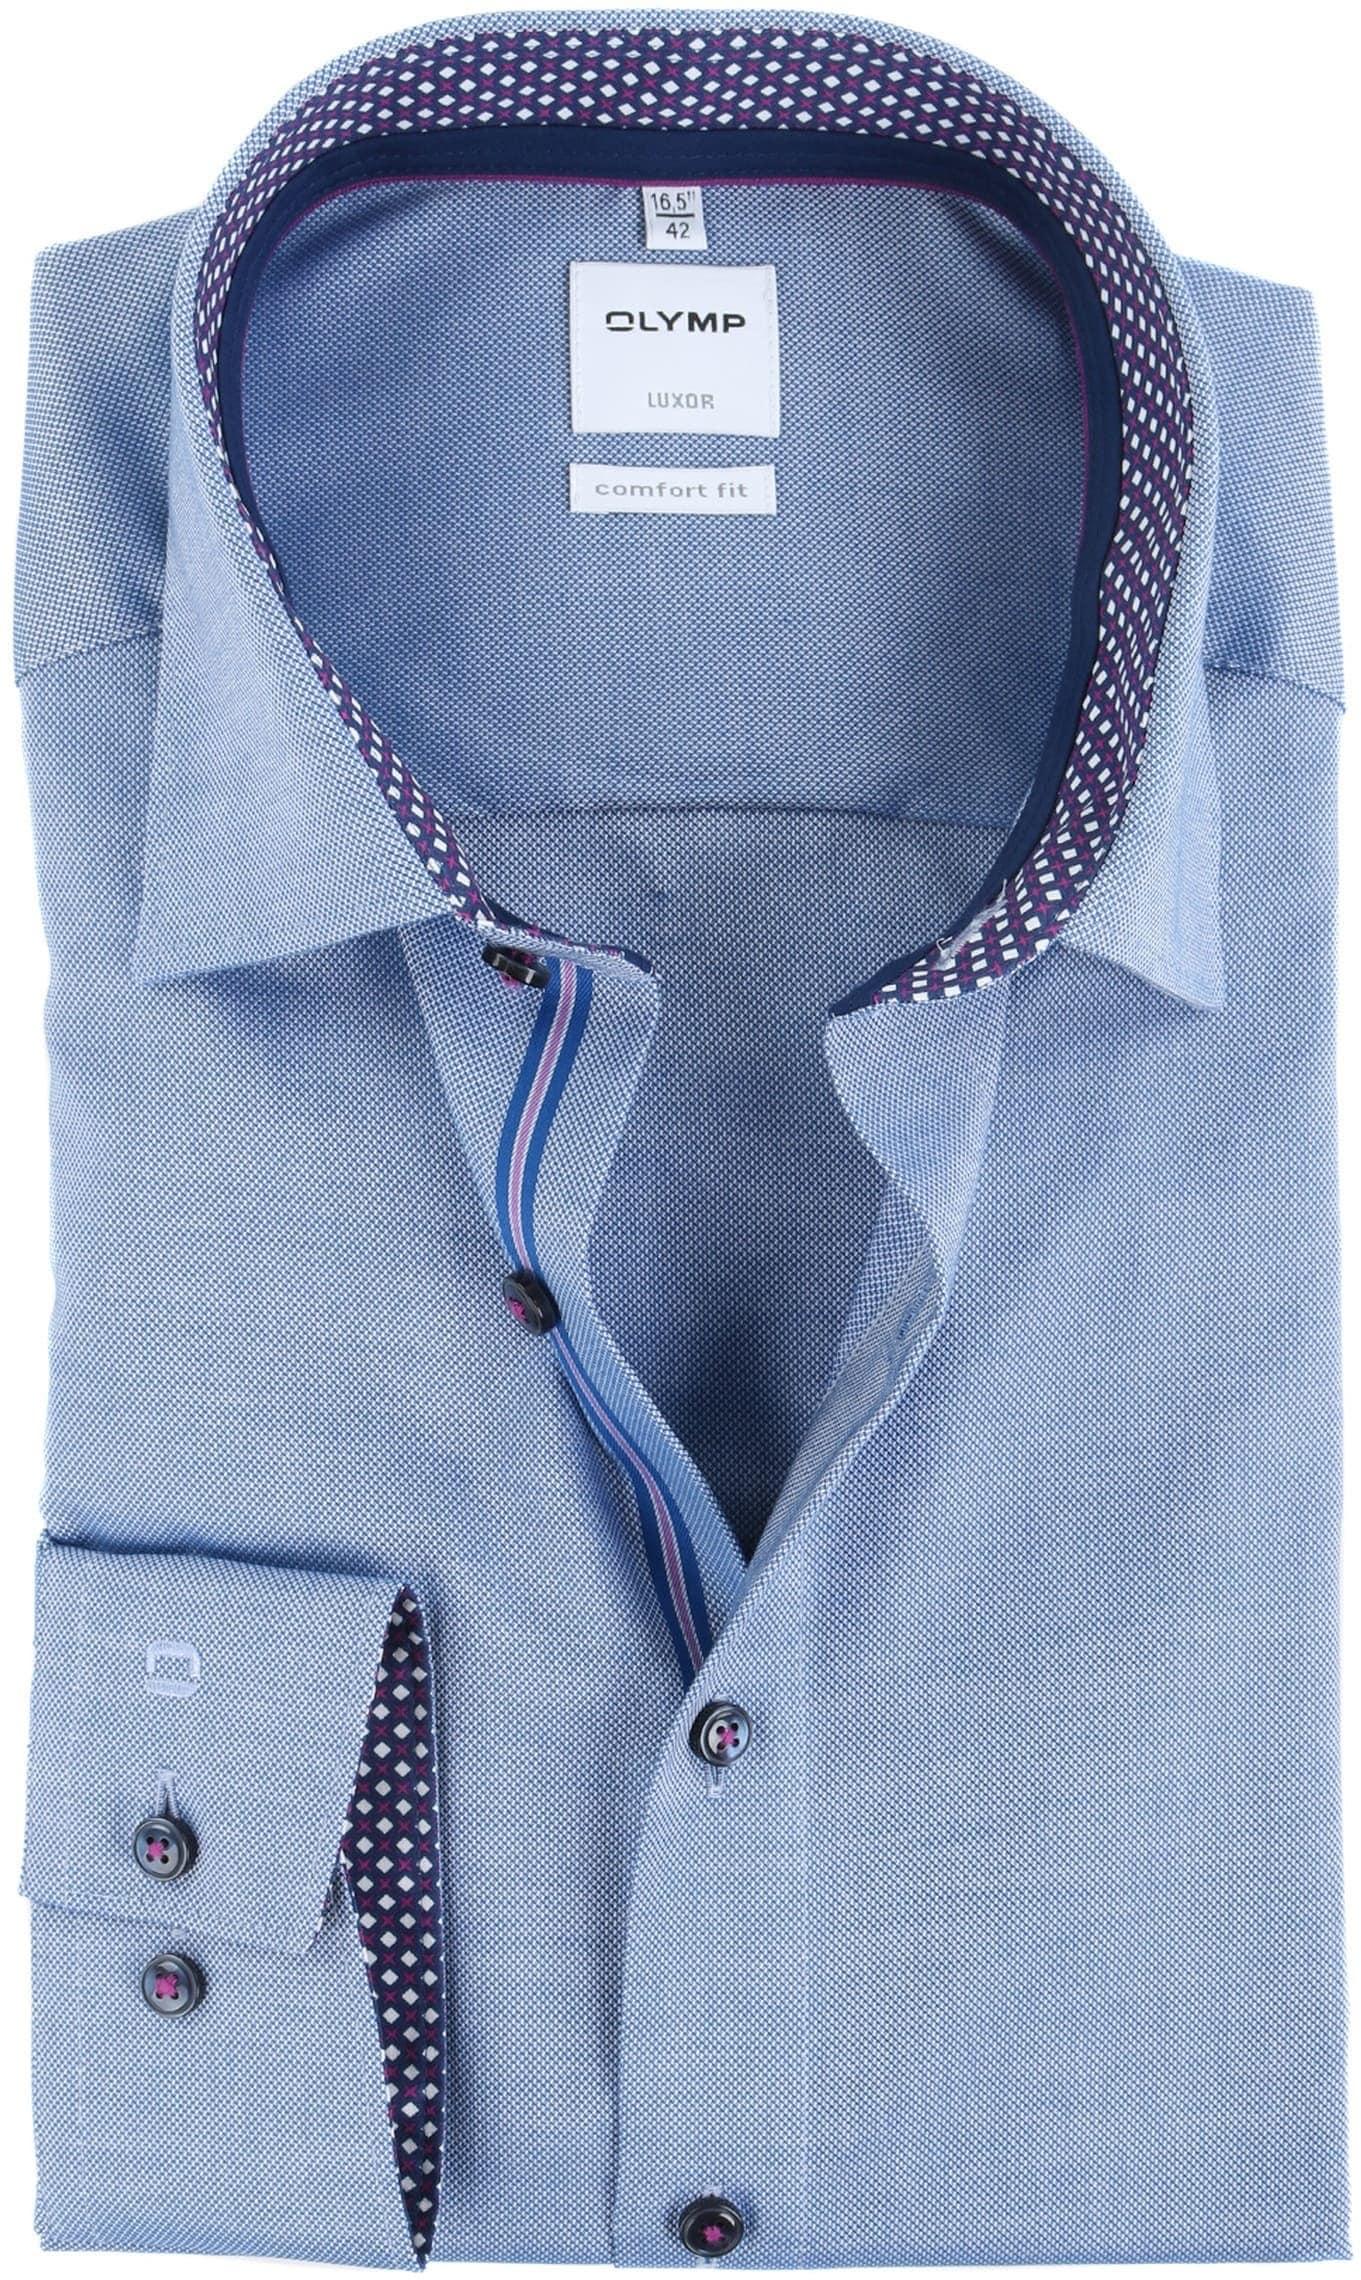 OLYMP Luxor Overhemd Strijkvrij Blauw Comfort Fit foto 0